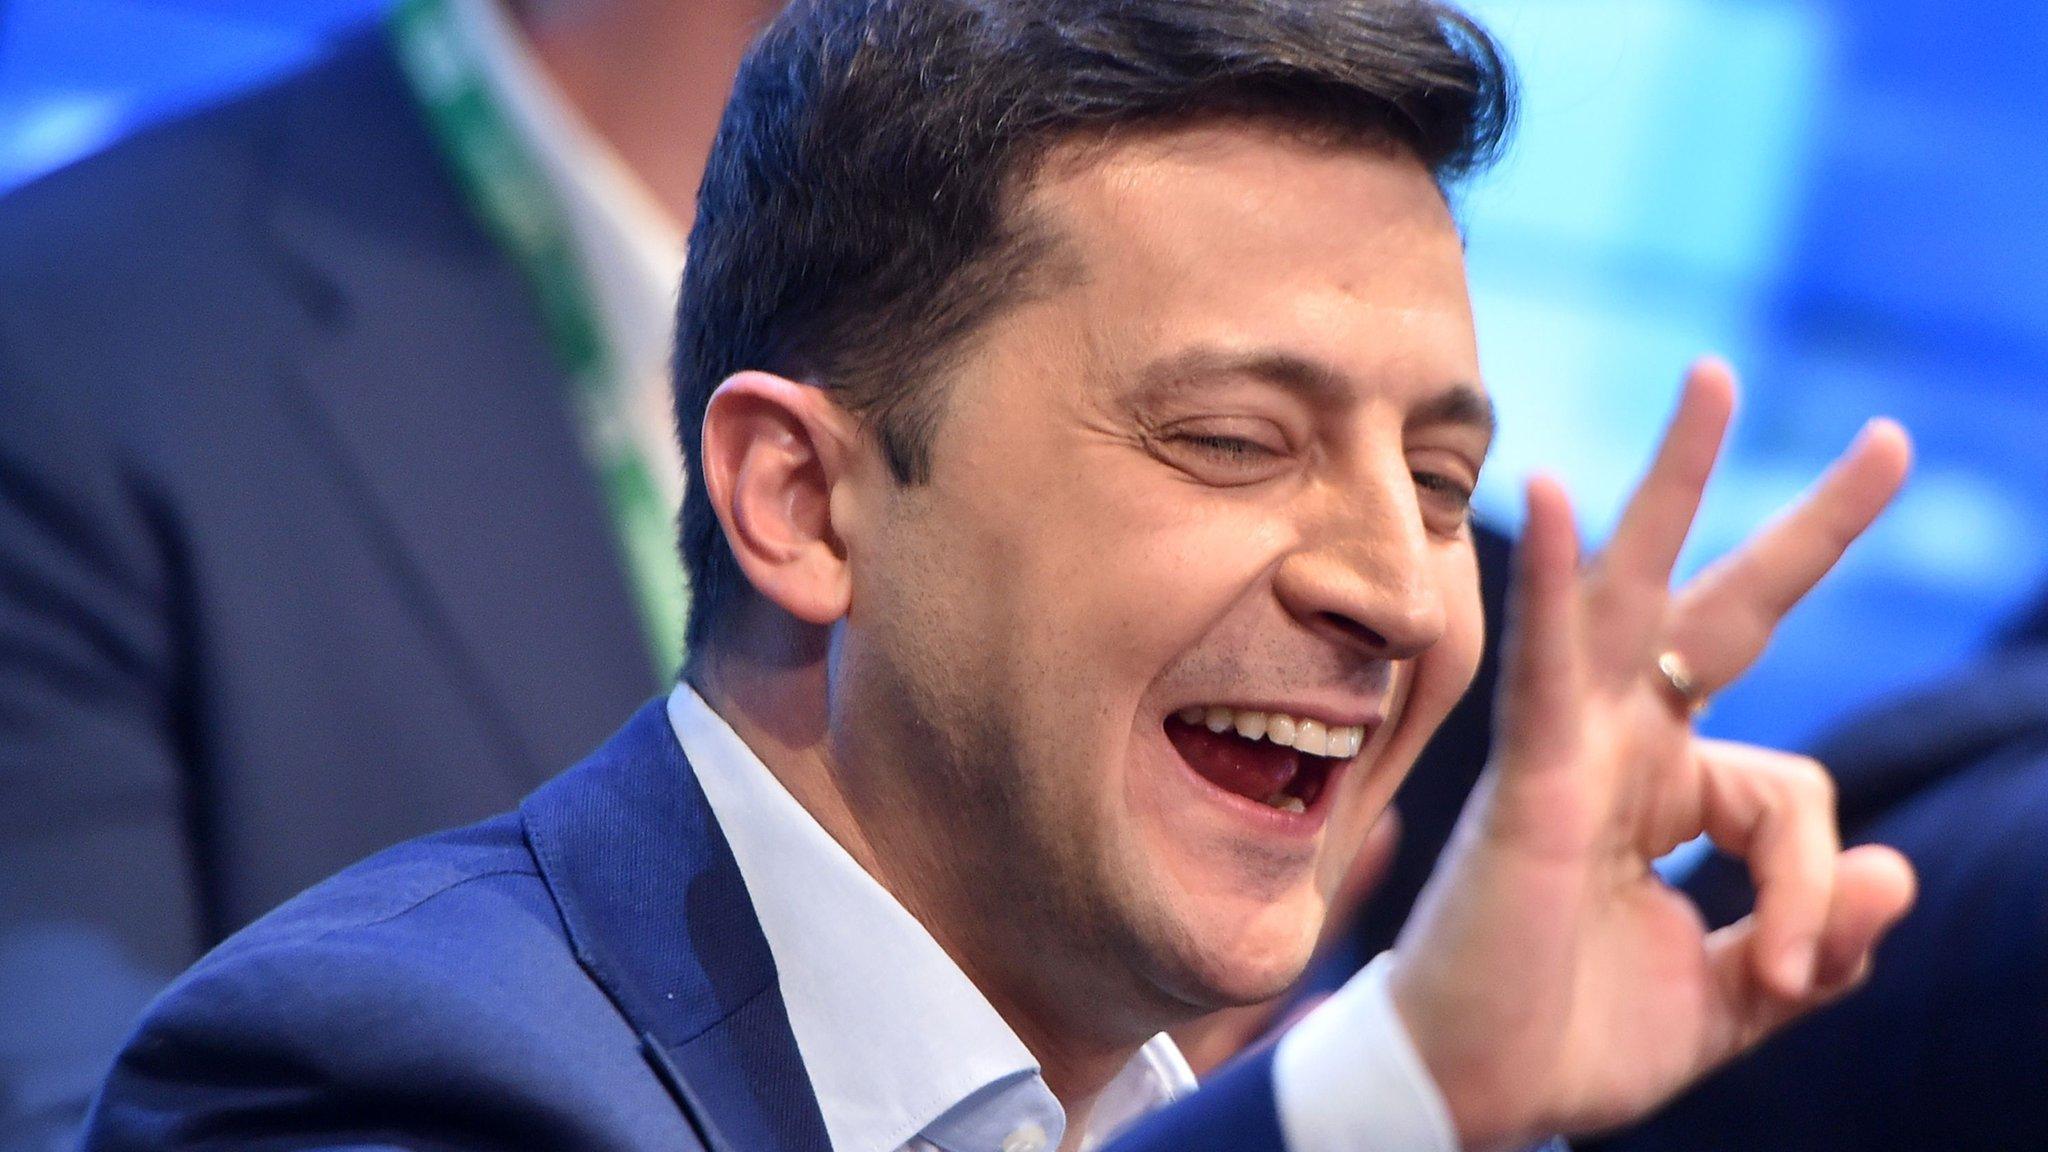 Экзитпол: Зеленский побеждает на выборах президента Украины. Он набирает 73,2% голосов